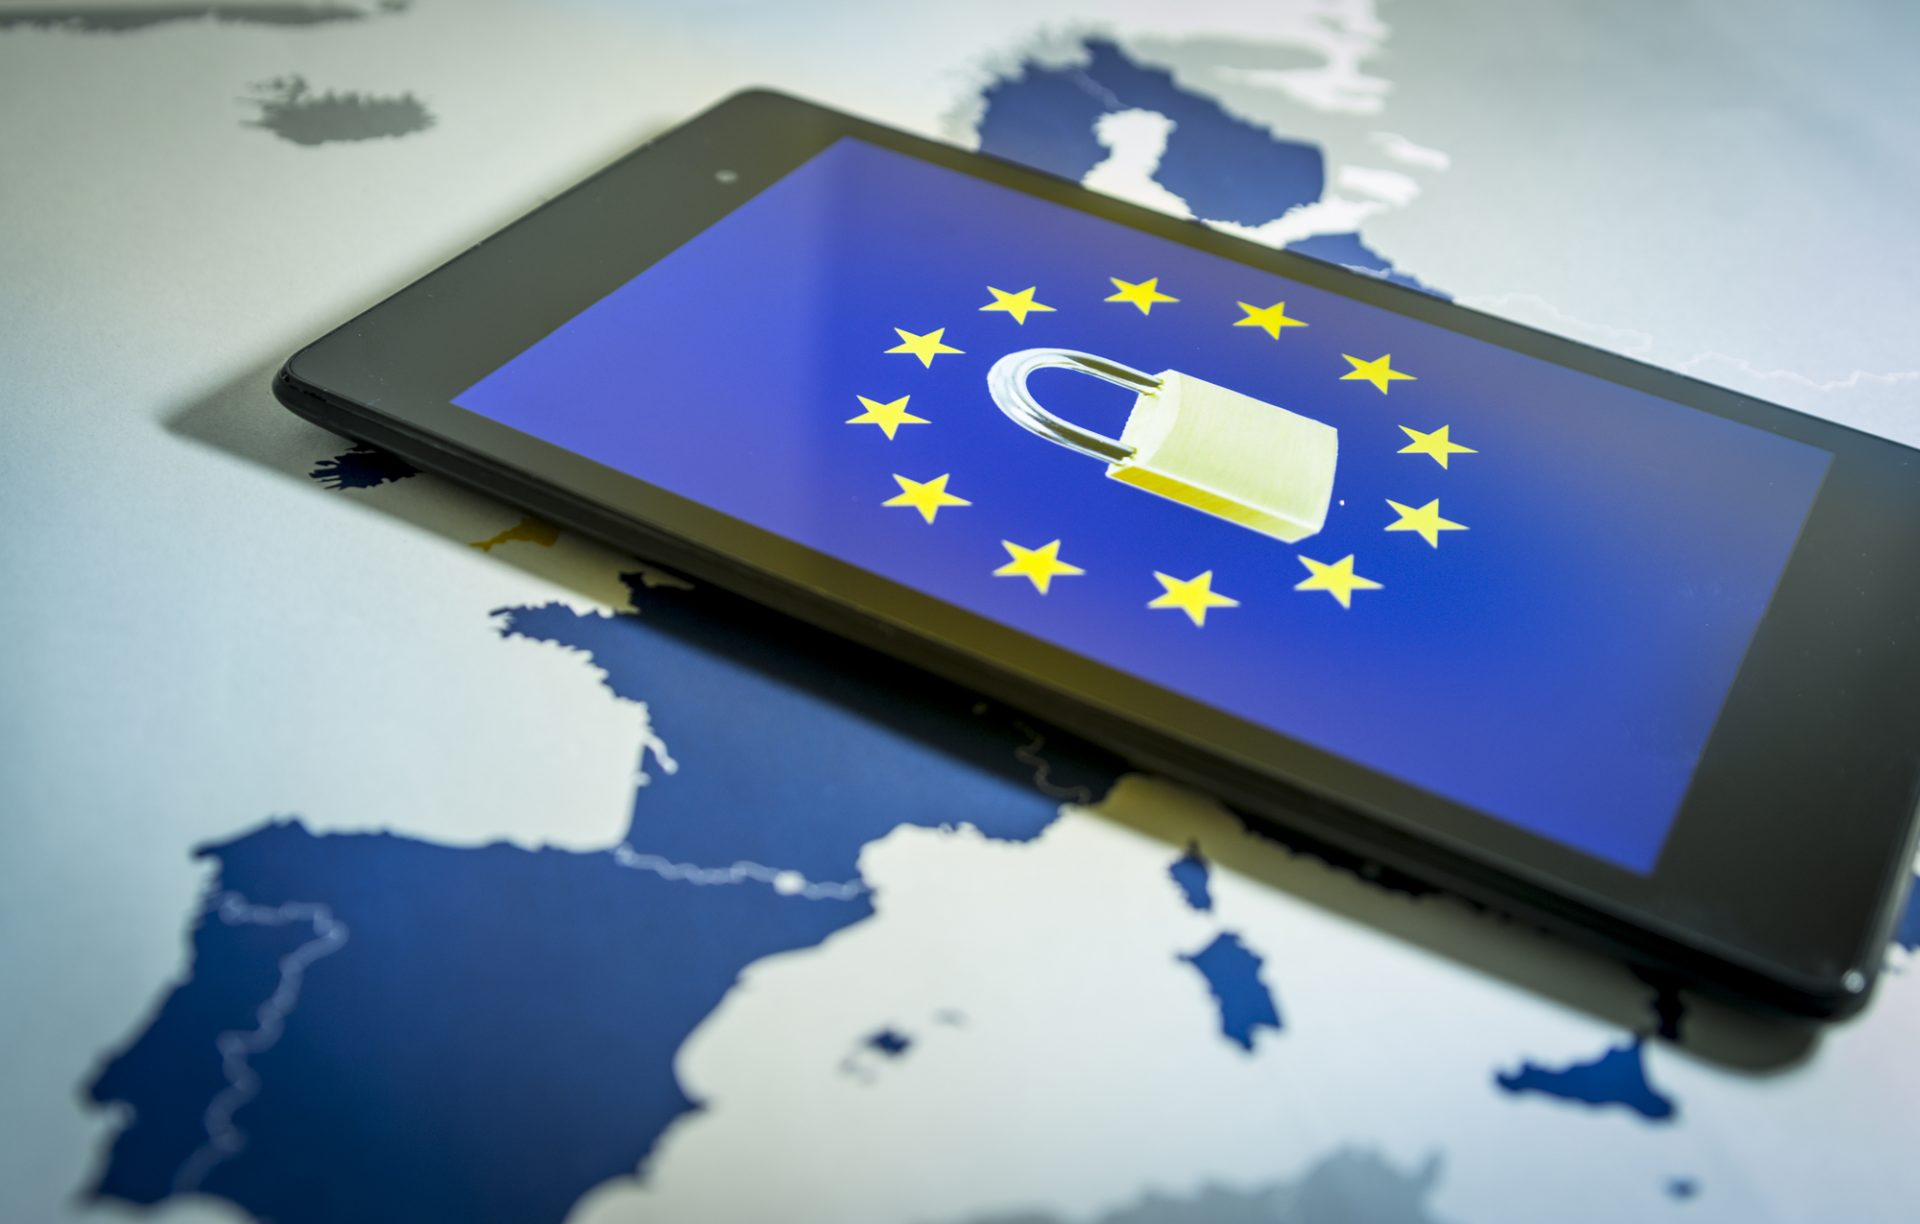 Noi amenzi pentru încălcarea GDPR. Companiile sancţionate: eMAG, Vodafone, Enel şi SOS Infertilitatea